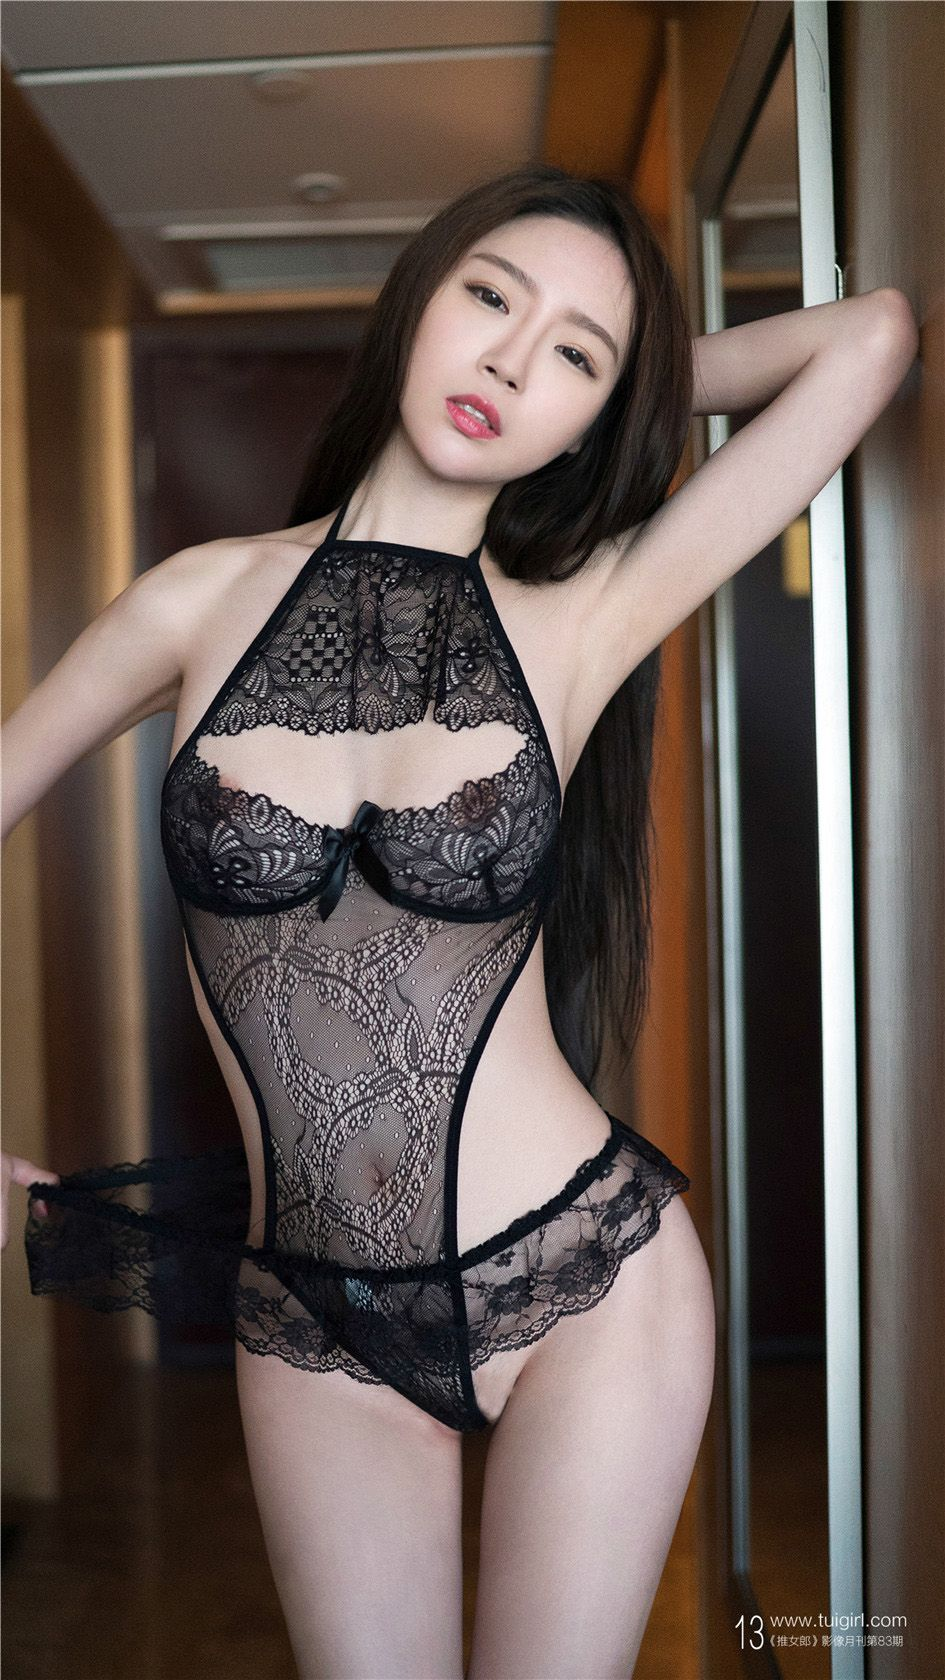 [推女郎] 性感美女林清儿美乳浴巾诱惑 第82期